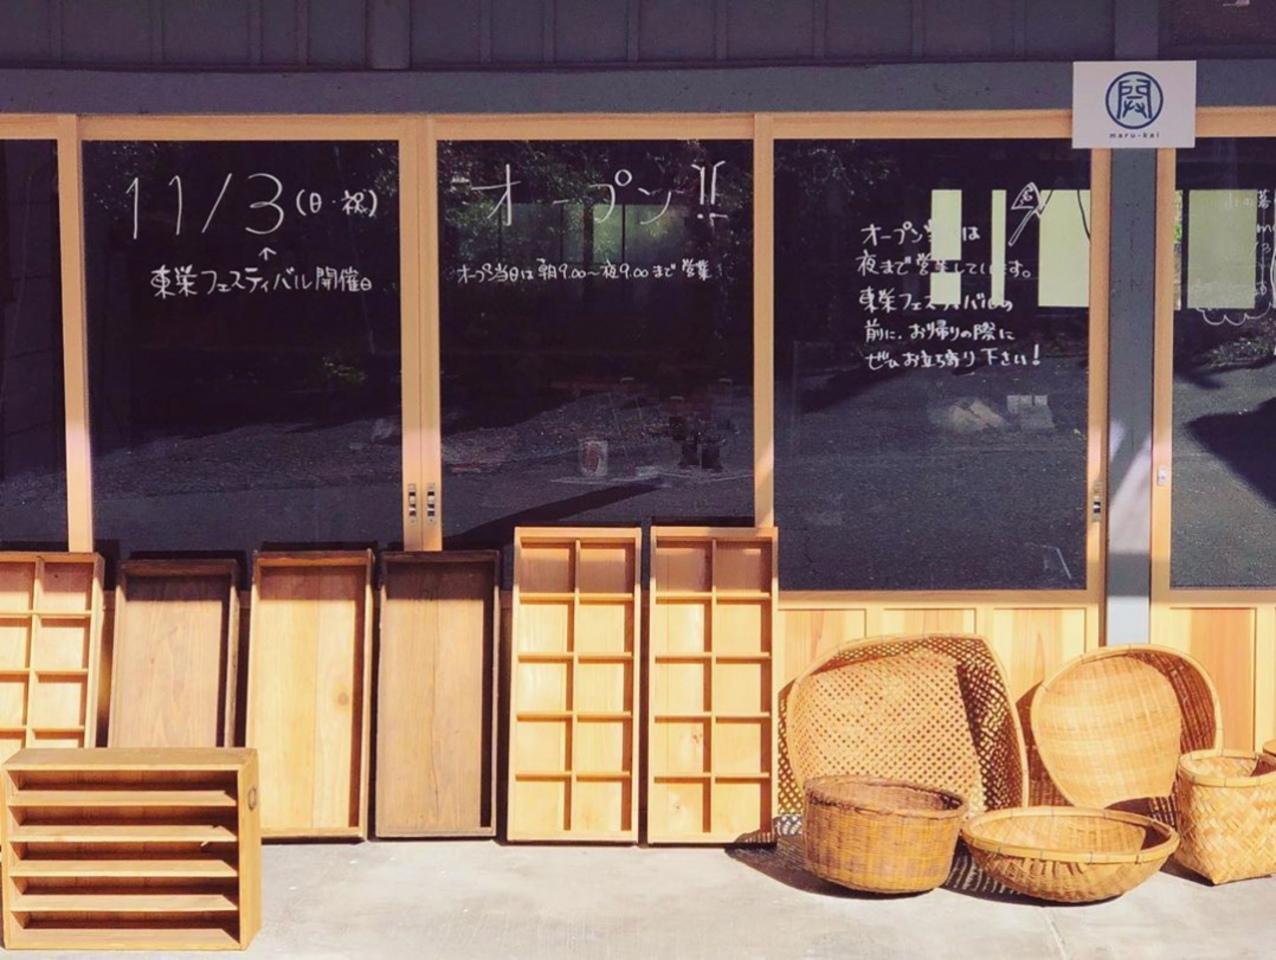 【 marukai 】手作り雑貨&ワークショップ(愛知県北設楽郡)11/3オープン